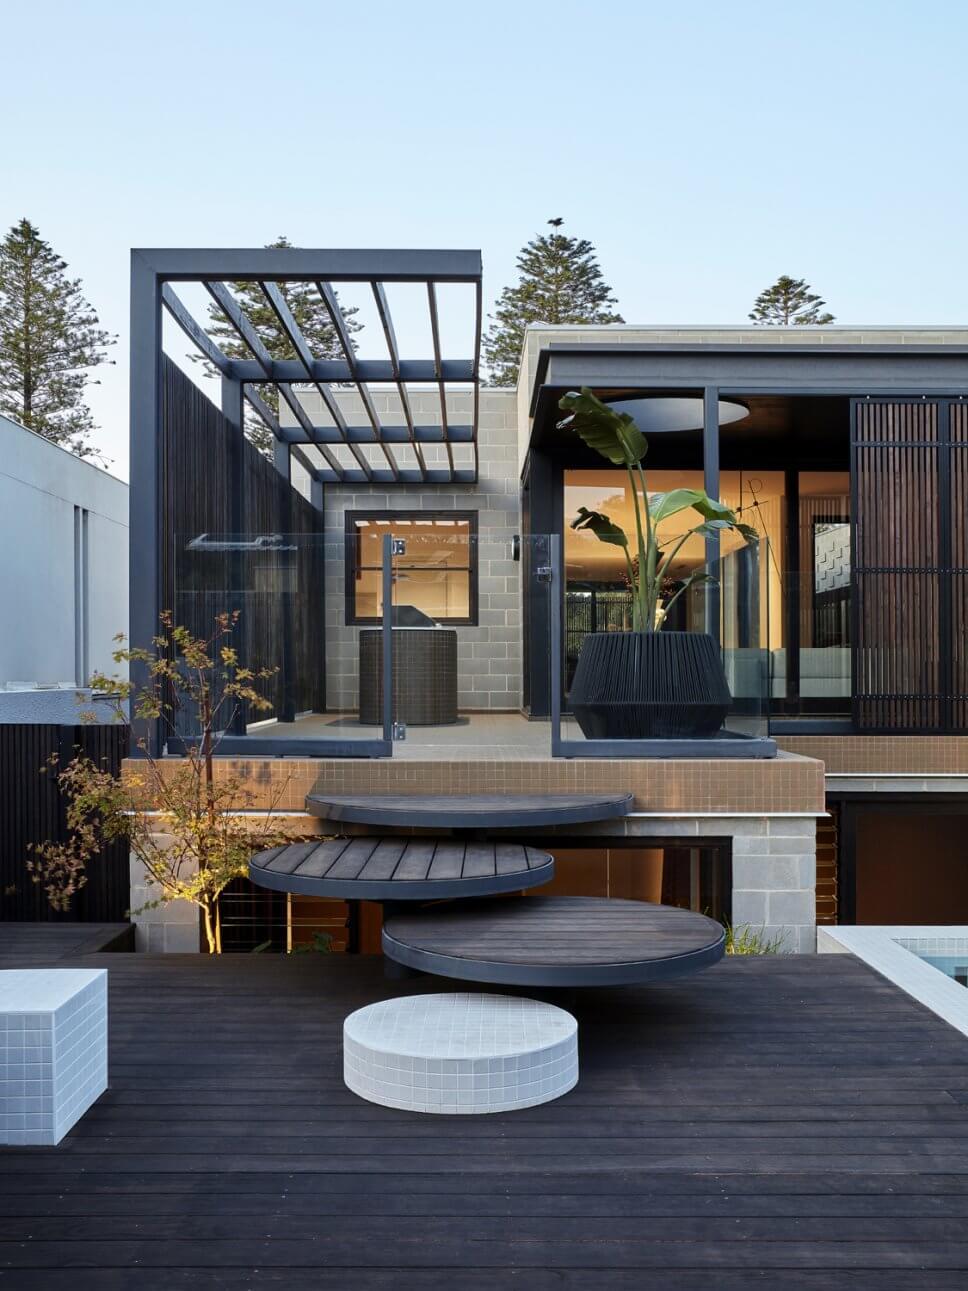 Einfamilienhaus in moderner Architektur mit Terrasse